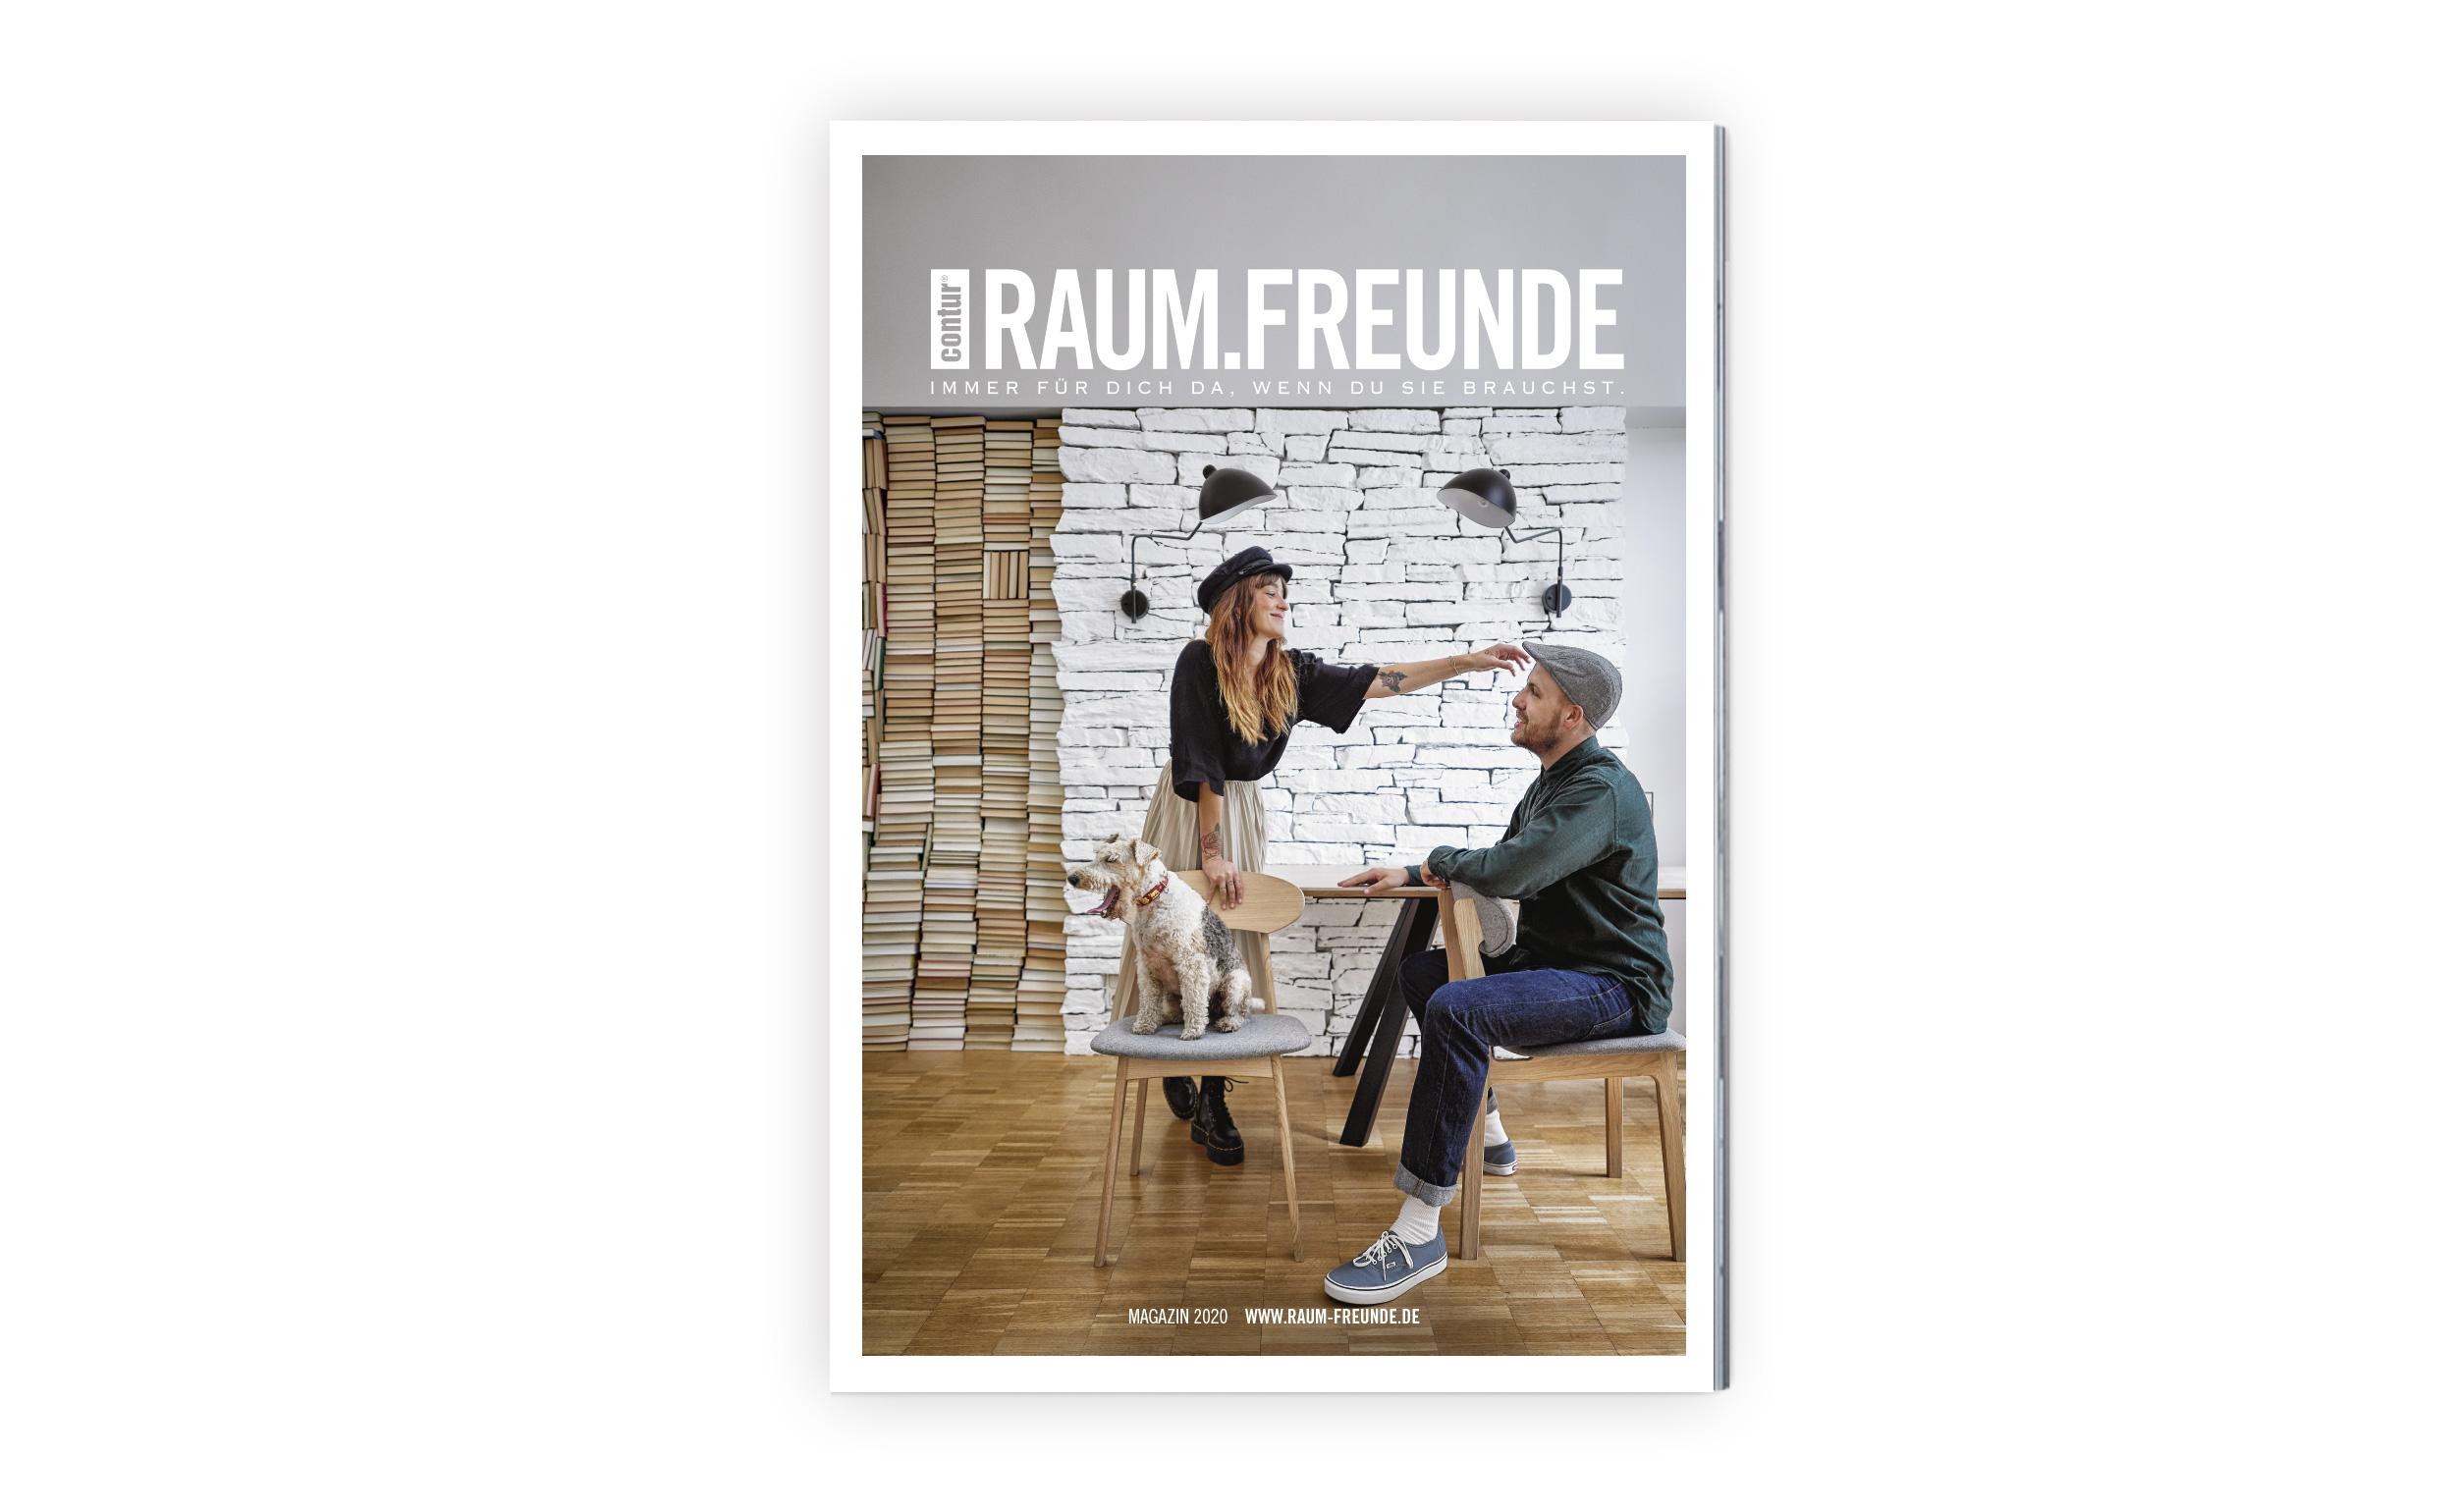 Raumfreunde_01